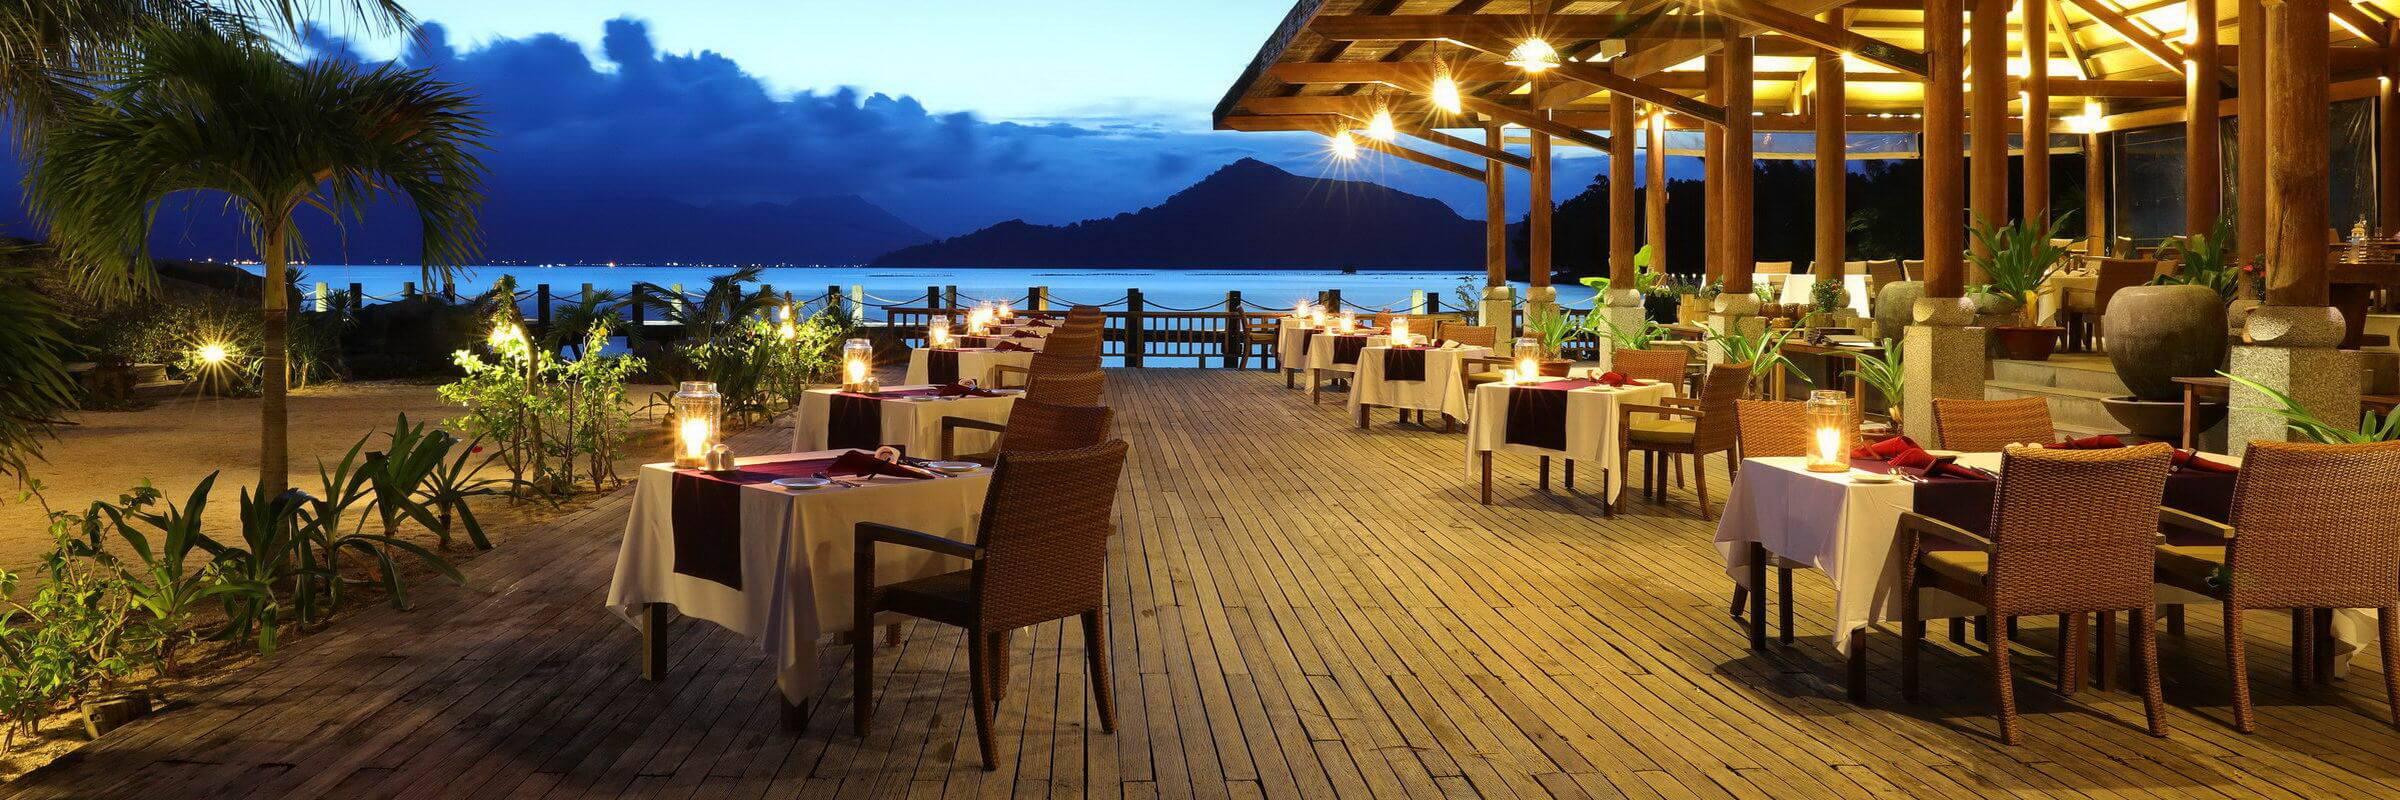 Das bekannte Open-Air-Restaurant mit toller Panoramaaussicht des L'Alyana Villas Ninh Van Bay